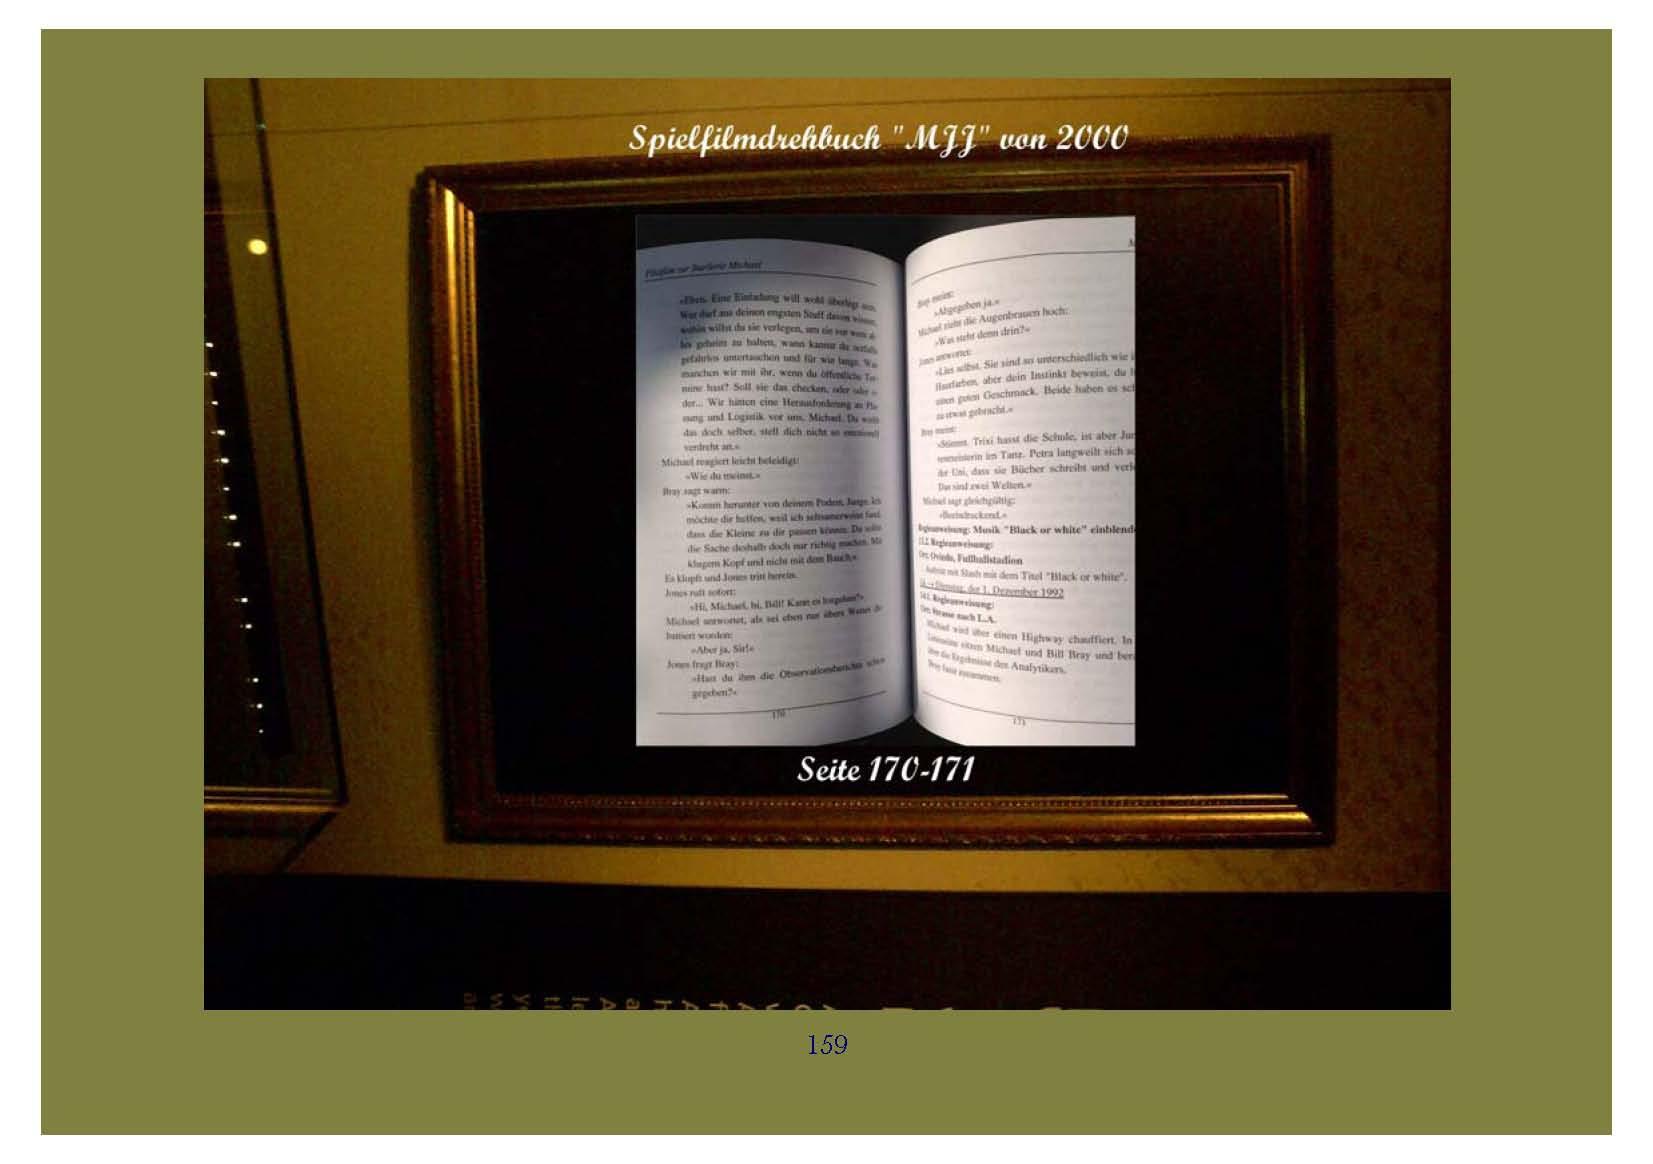 ™Gigabuch-Bibliothek/iAutobiographie Band 9/Bild 05649